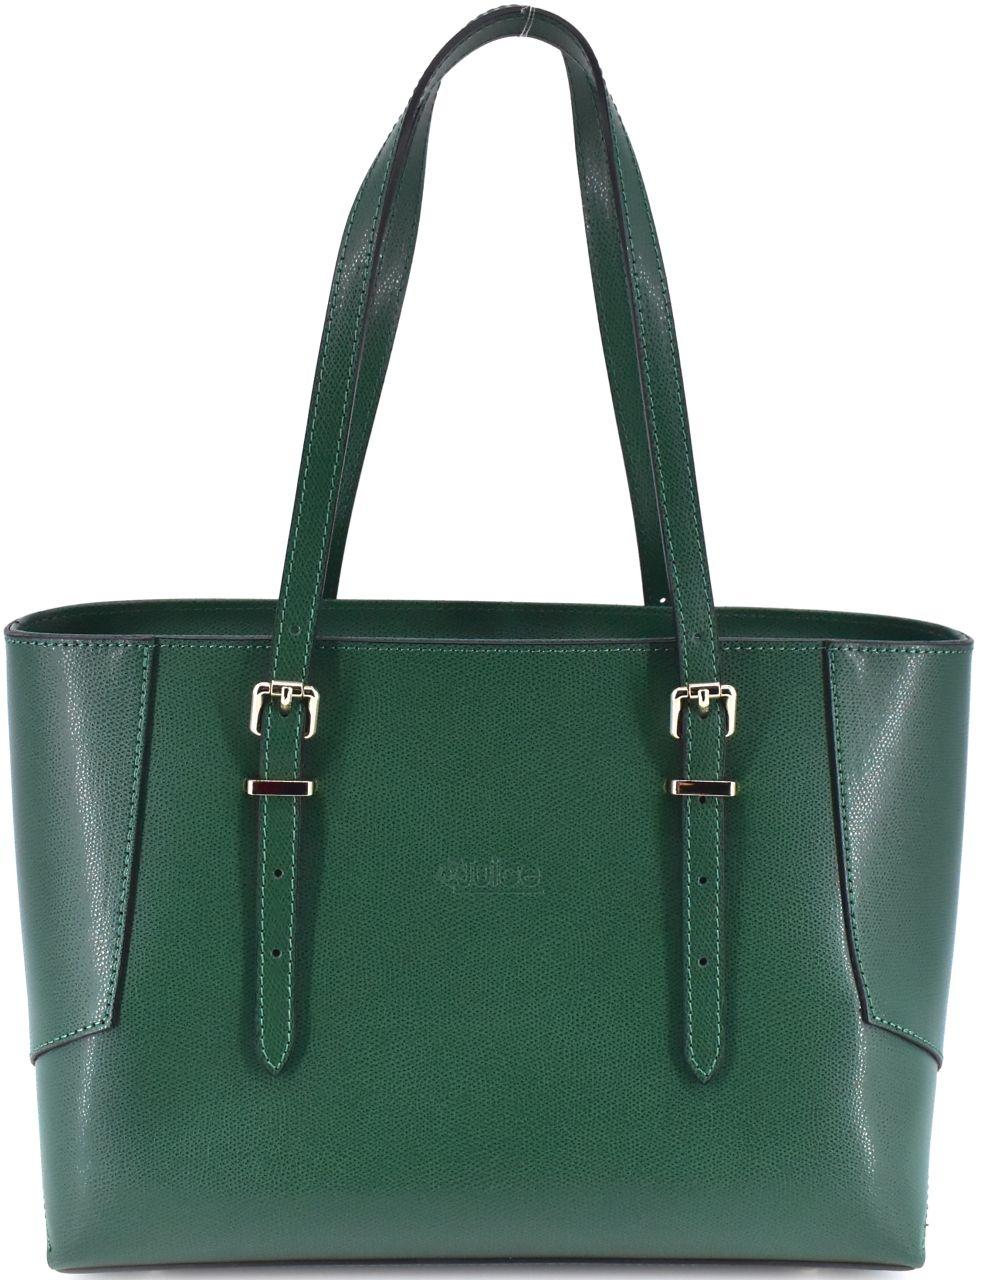 Dámská kožená kabelka Juice - zelená 112304